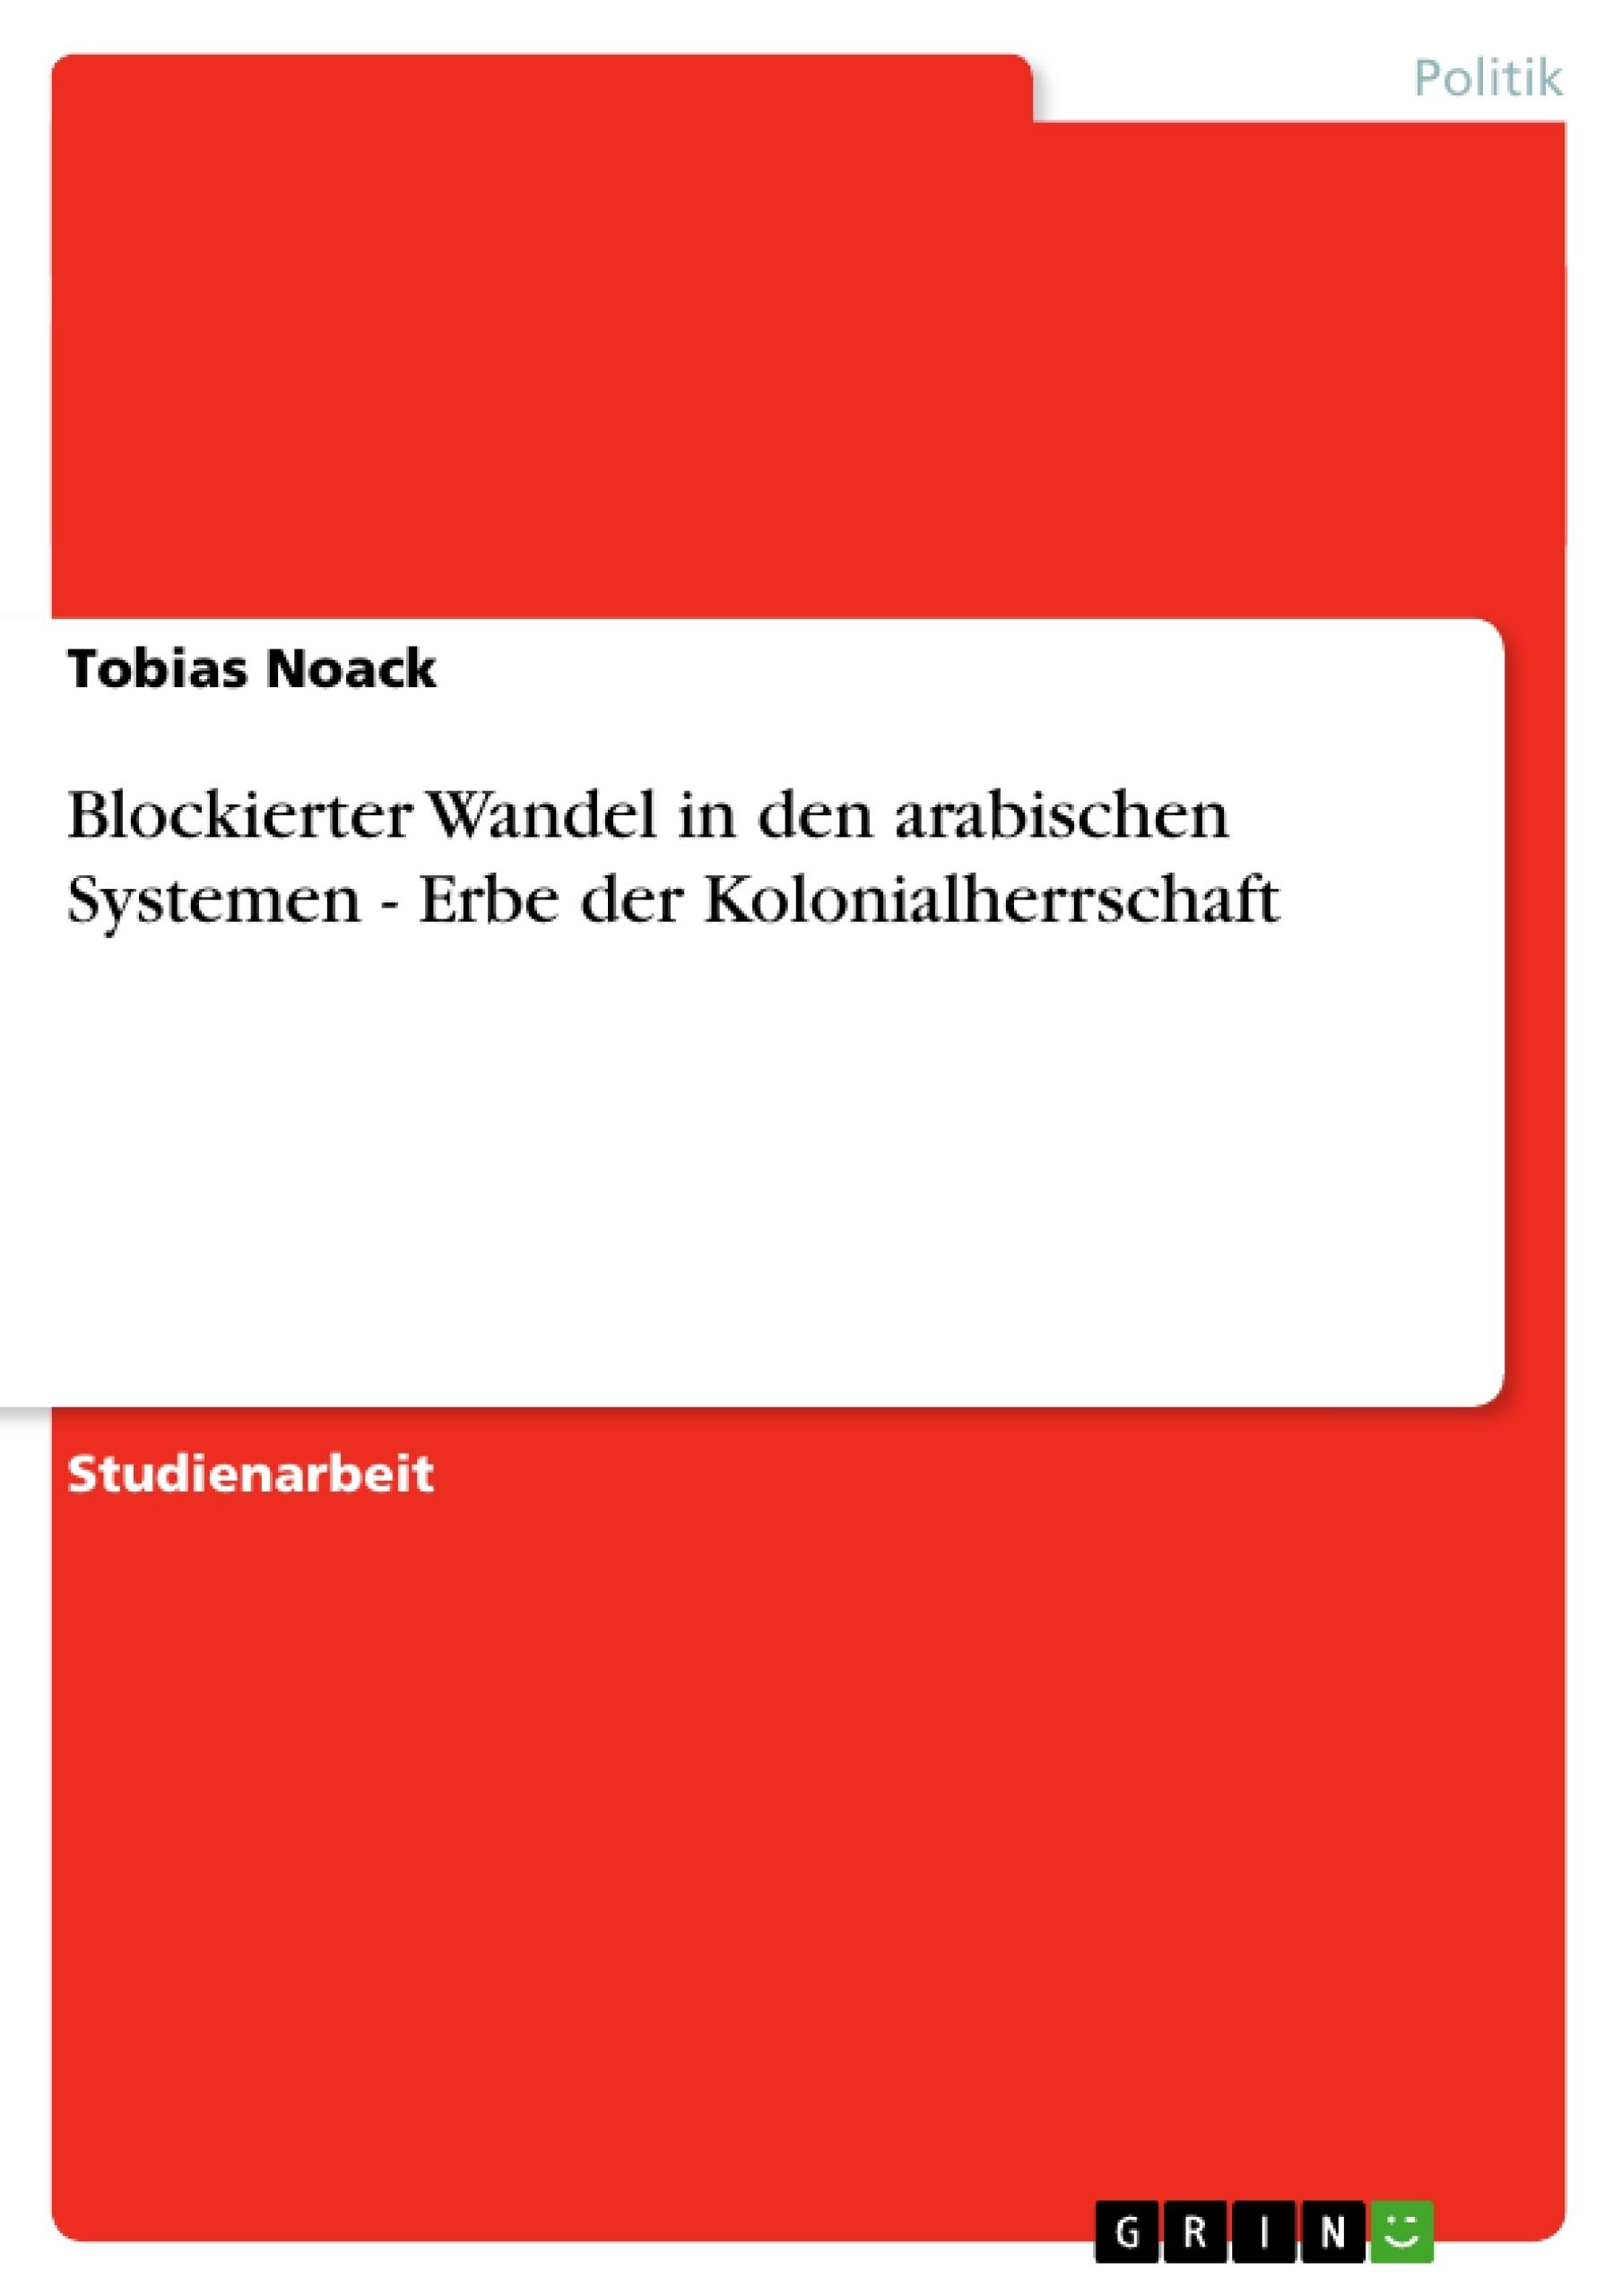 Titel: Blockierter Wandel in den arabischen Systemen - Erbe der Kolonialherrschaft